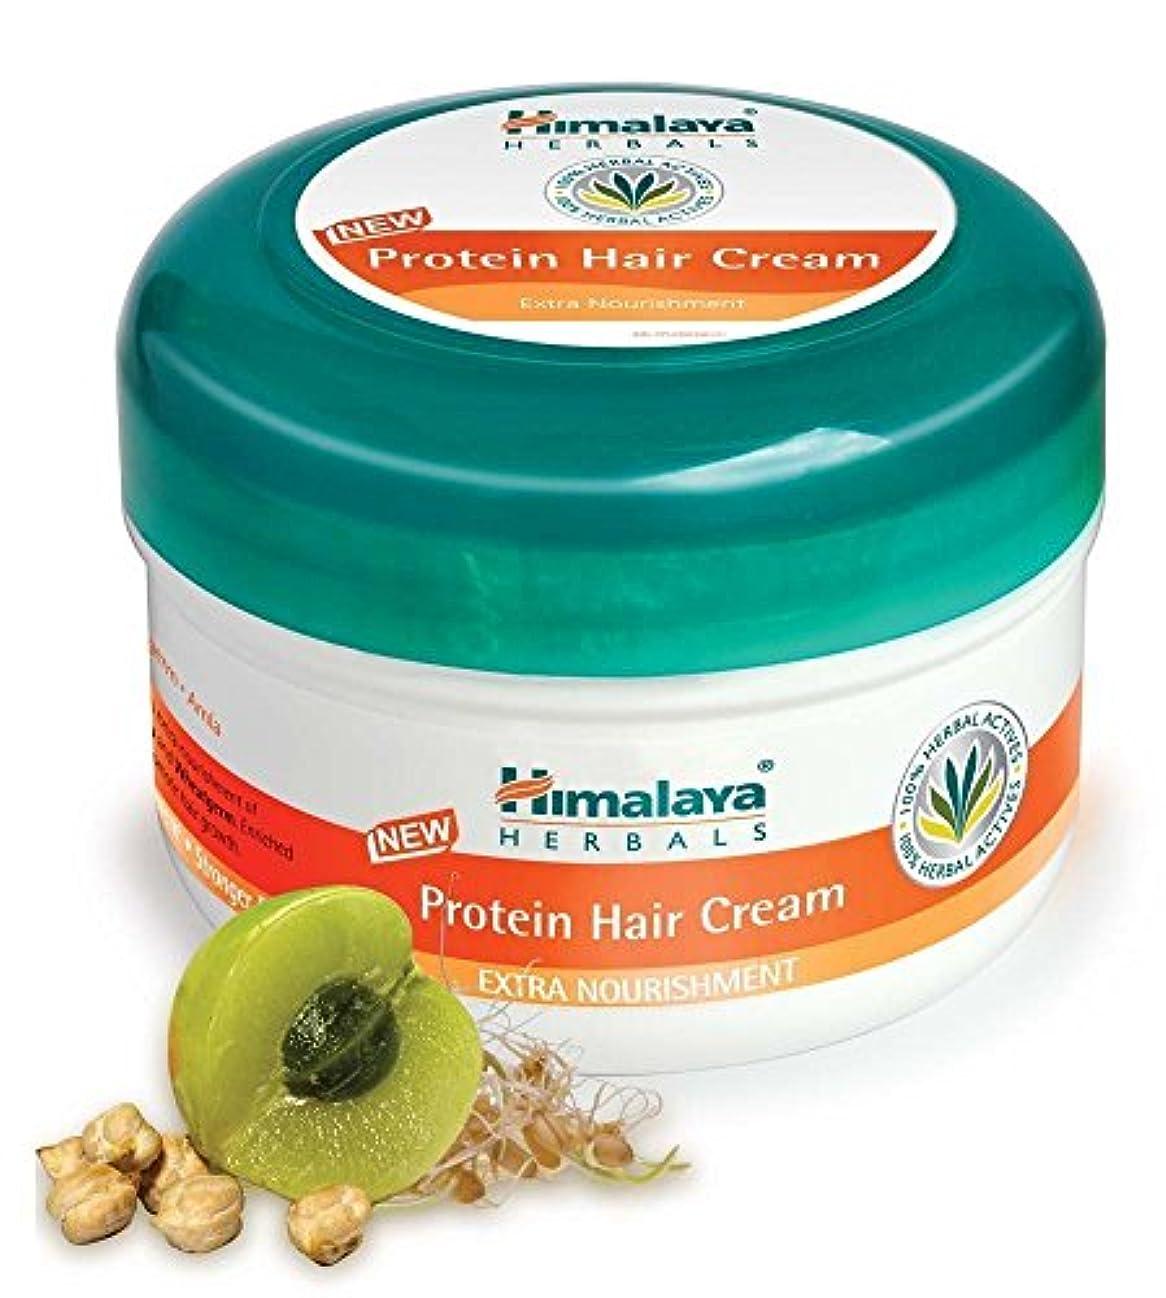 流行している同意する殺人Himalaya Protein Hair Cream 175 g